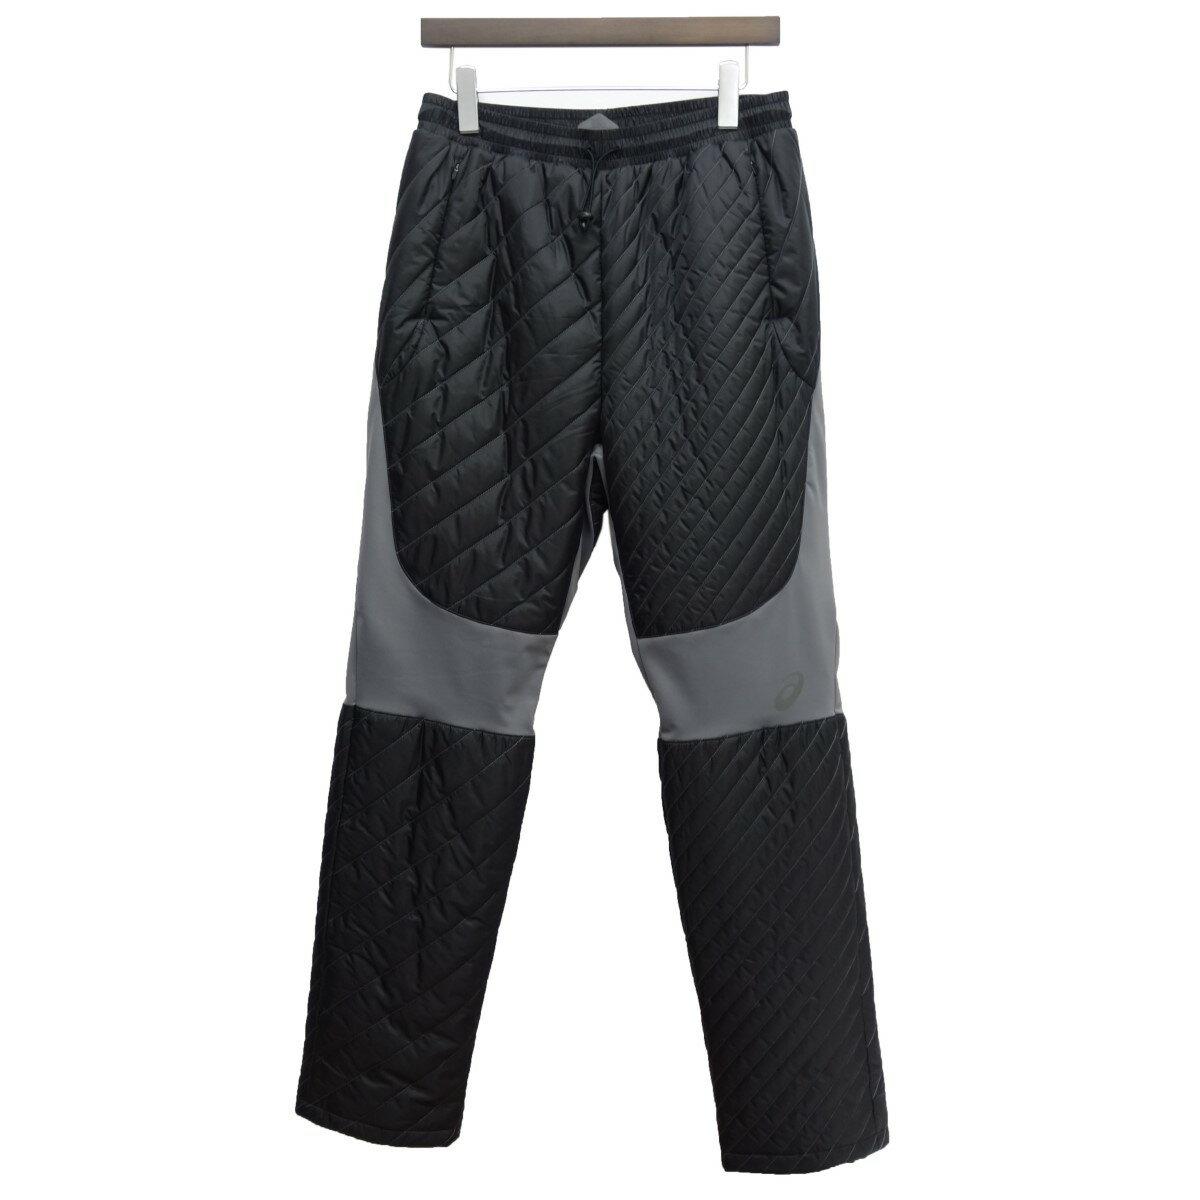 メンズファッション, ズボン・パンツ kiko kostadinovasicsInsulation Pants M 1022